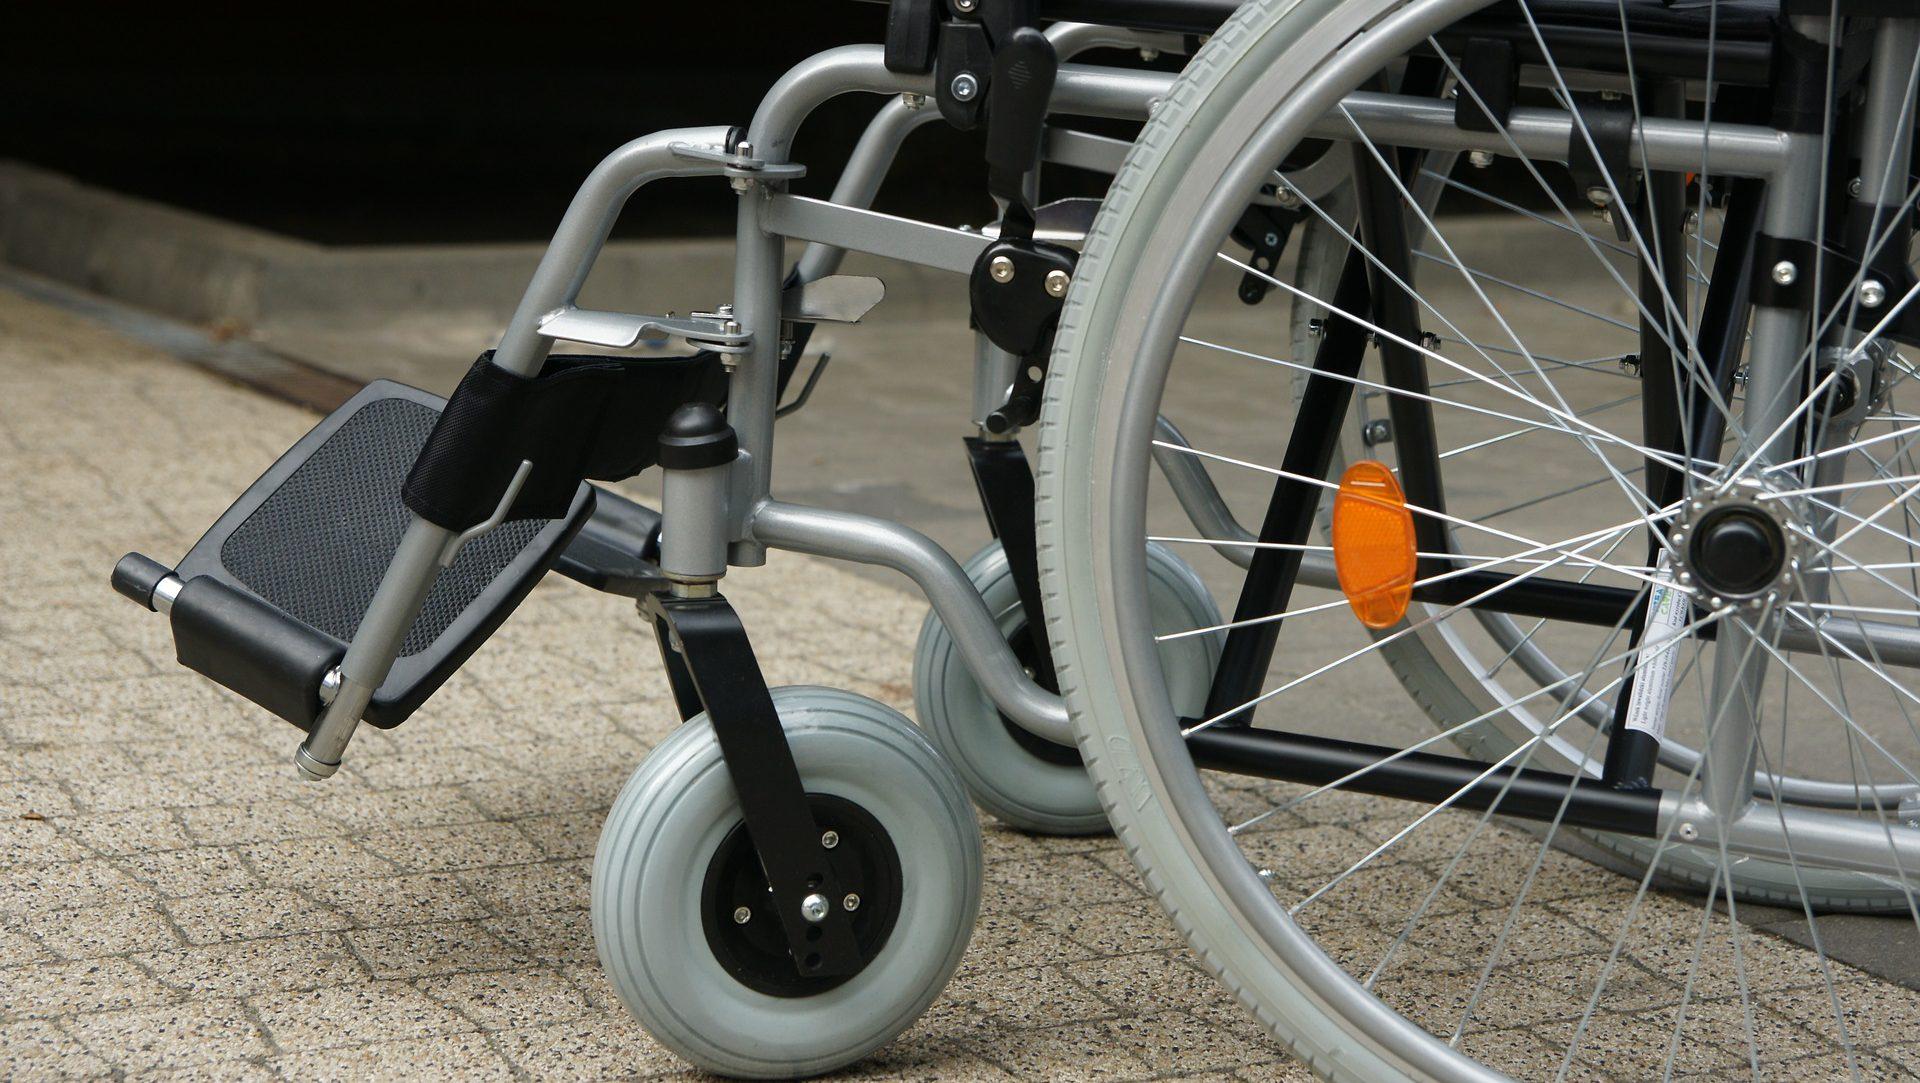 Niepełnosprawność jako element bioróżnorodności w społeczeństwie i kulturze